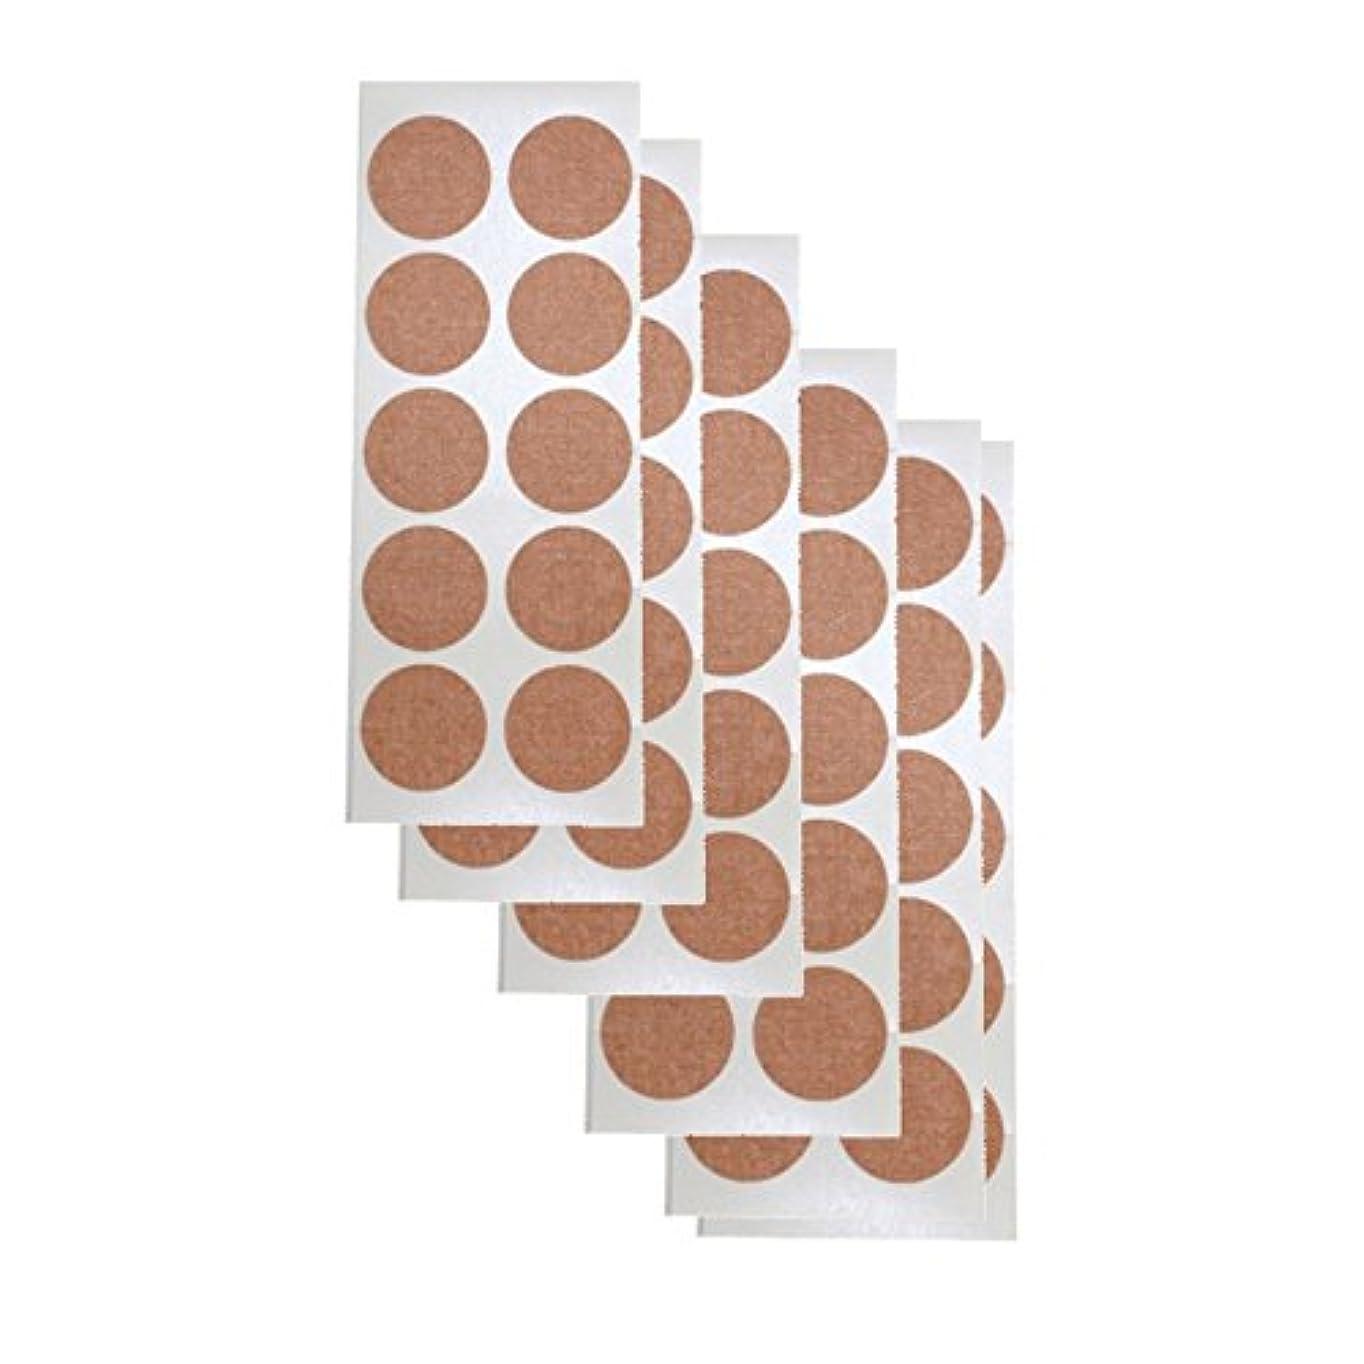 在庫ベーコン孤児TQチップ 貼り替え用専用シール 効果は半永久的!貼っただけで心身のバランスがとれるTQチップ専用